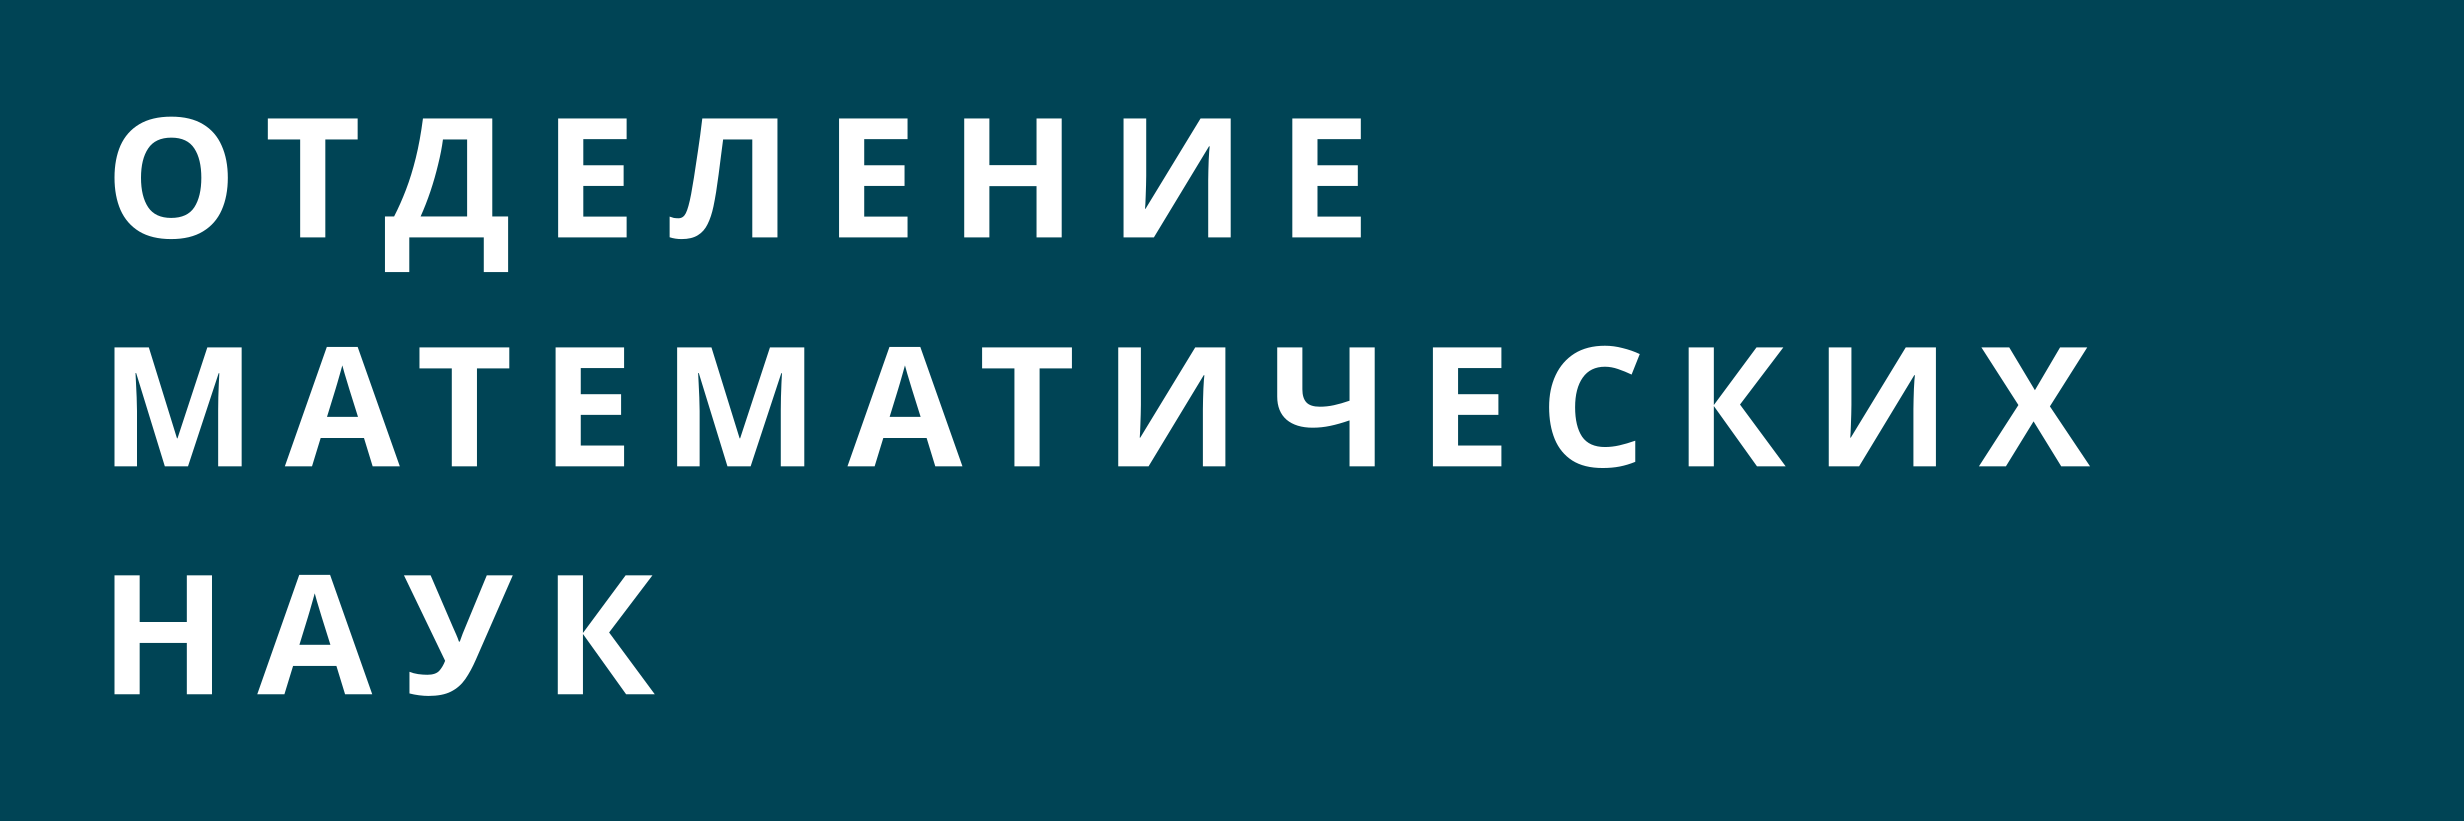 ОМН РАН